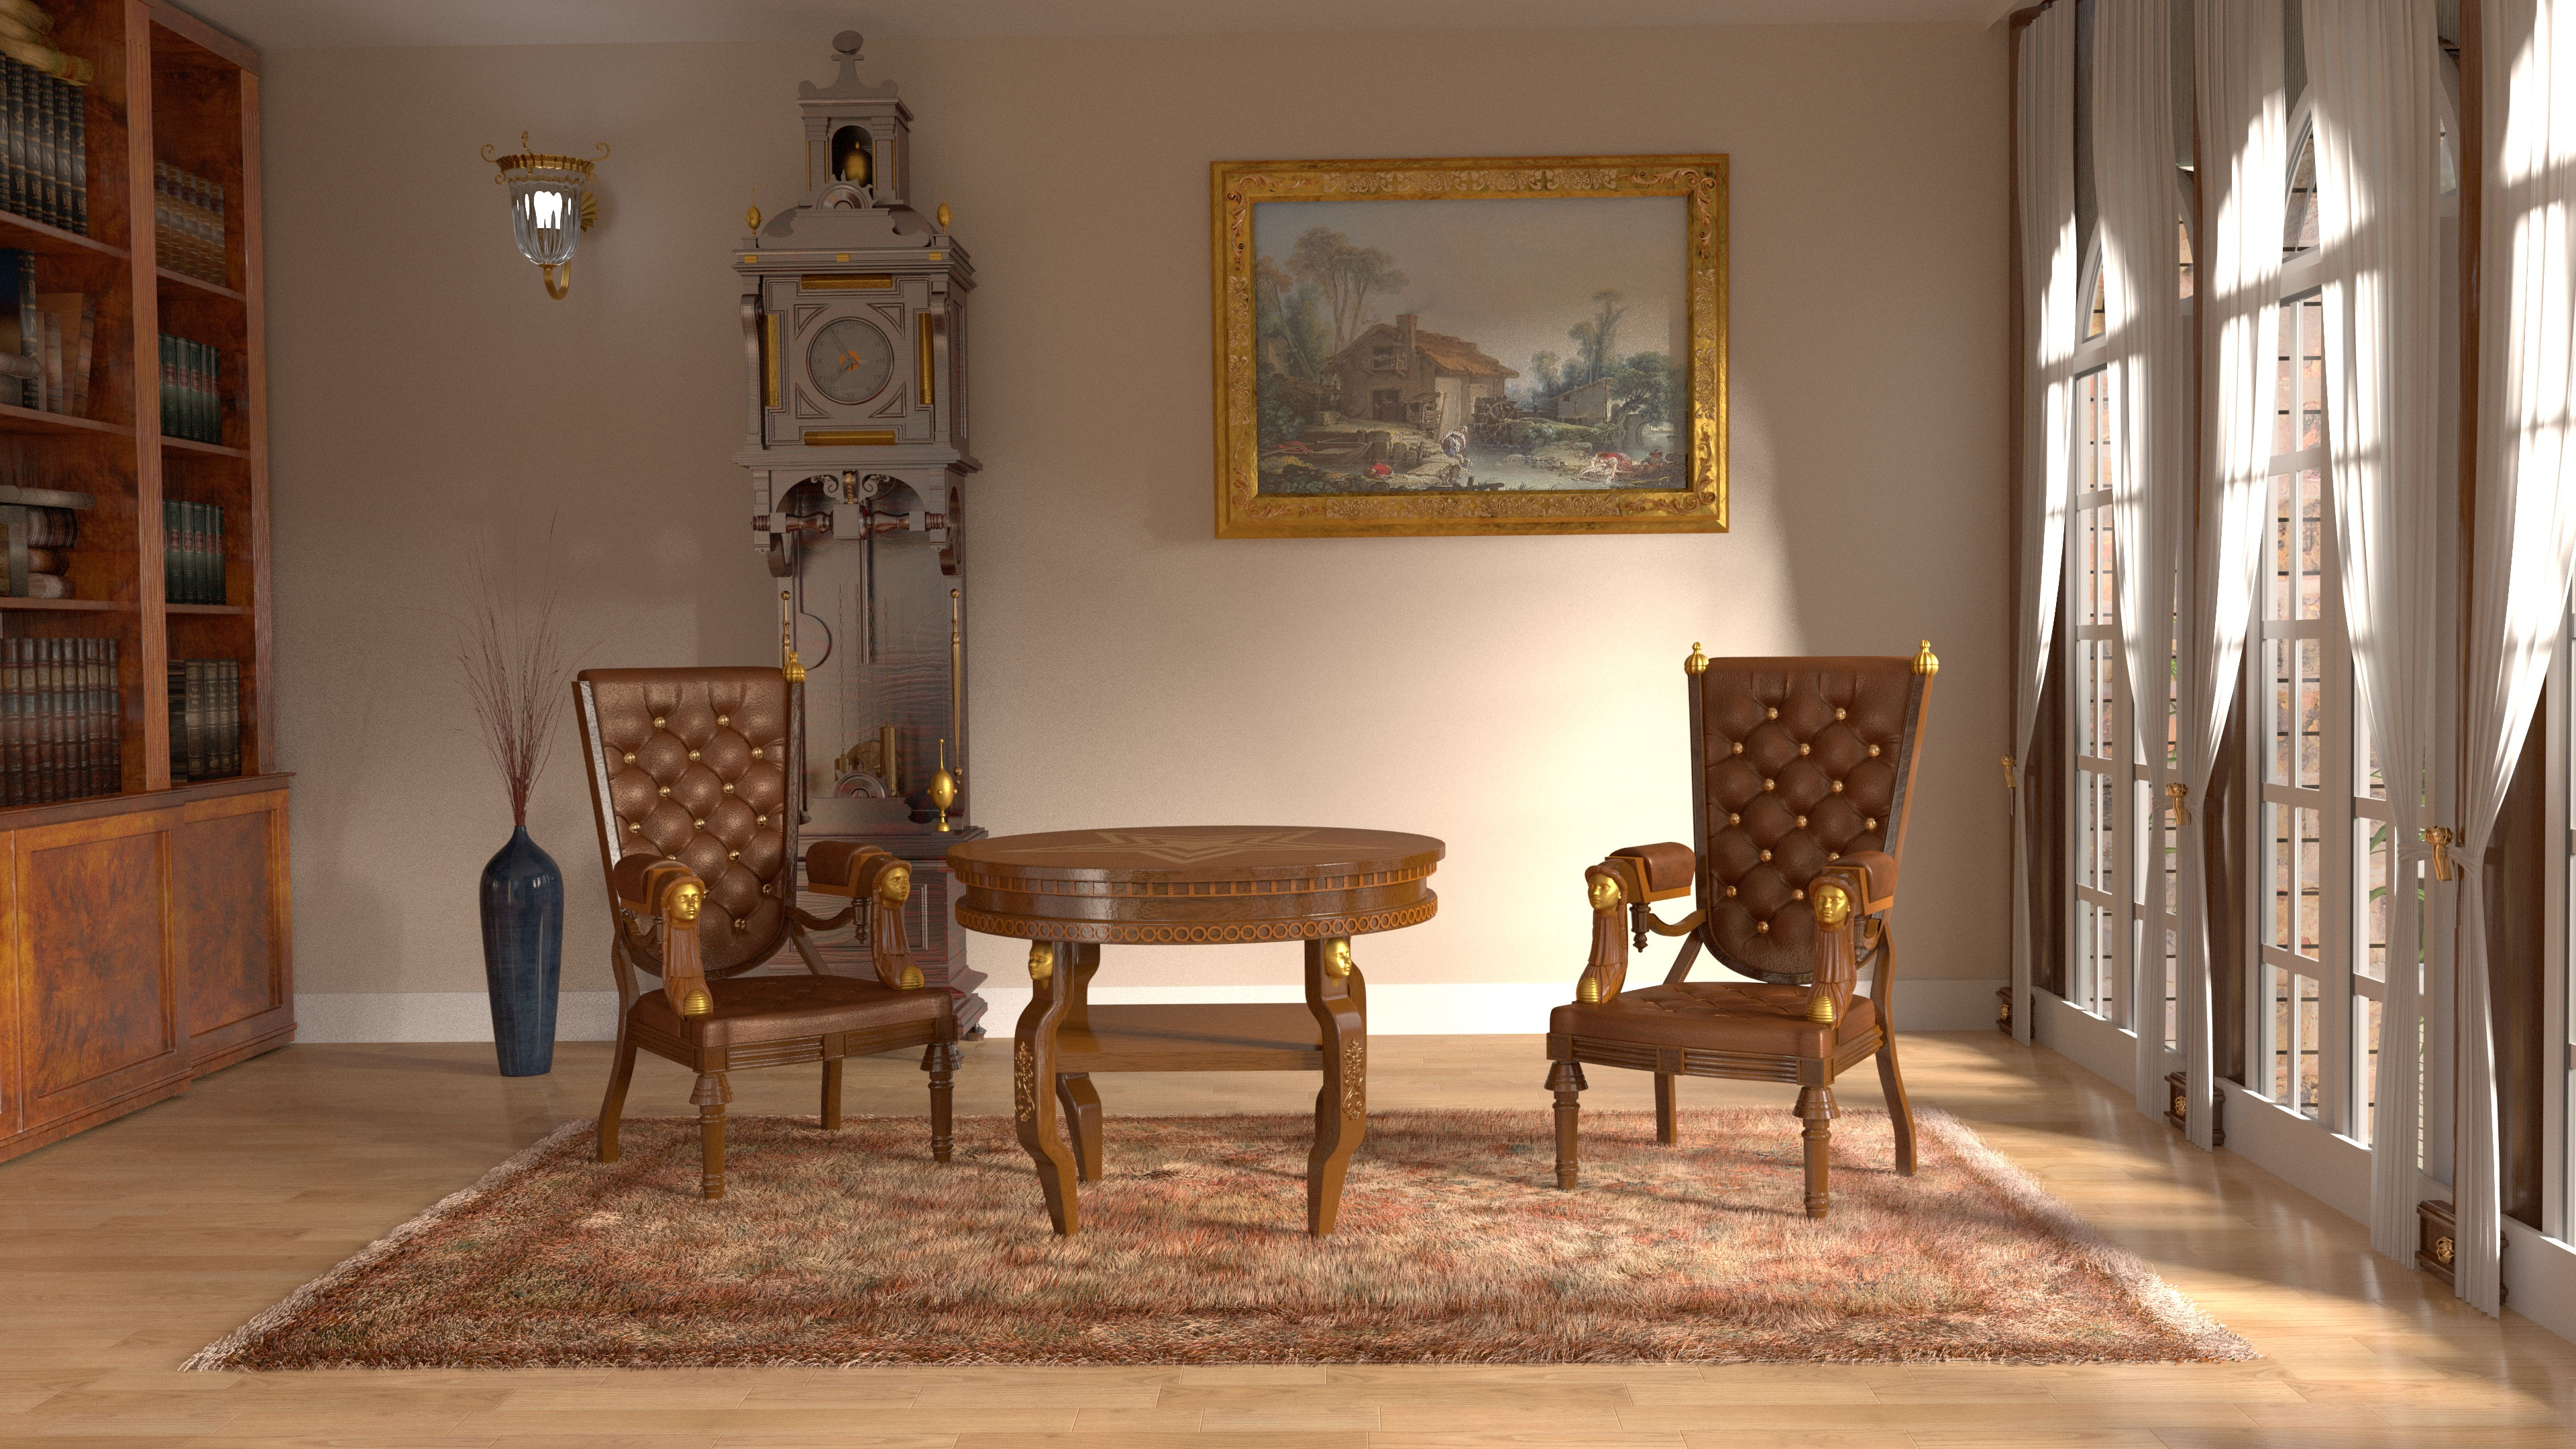 royal-interior-1455805